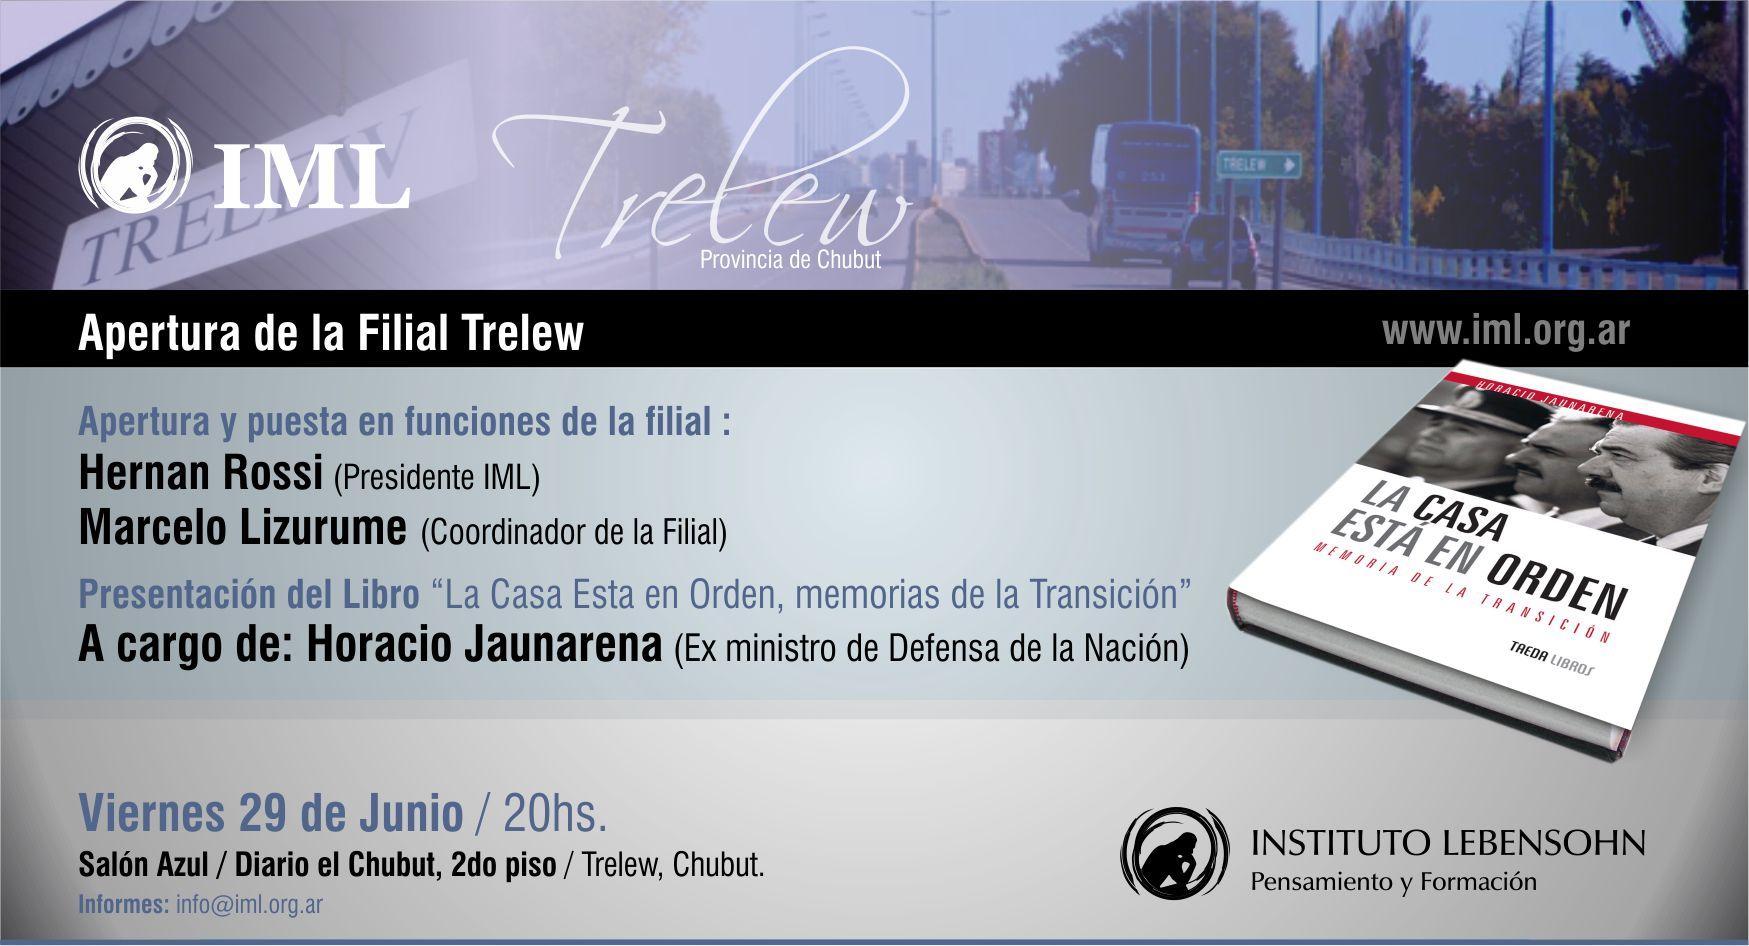 Apertura de la Filial Trelew